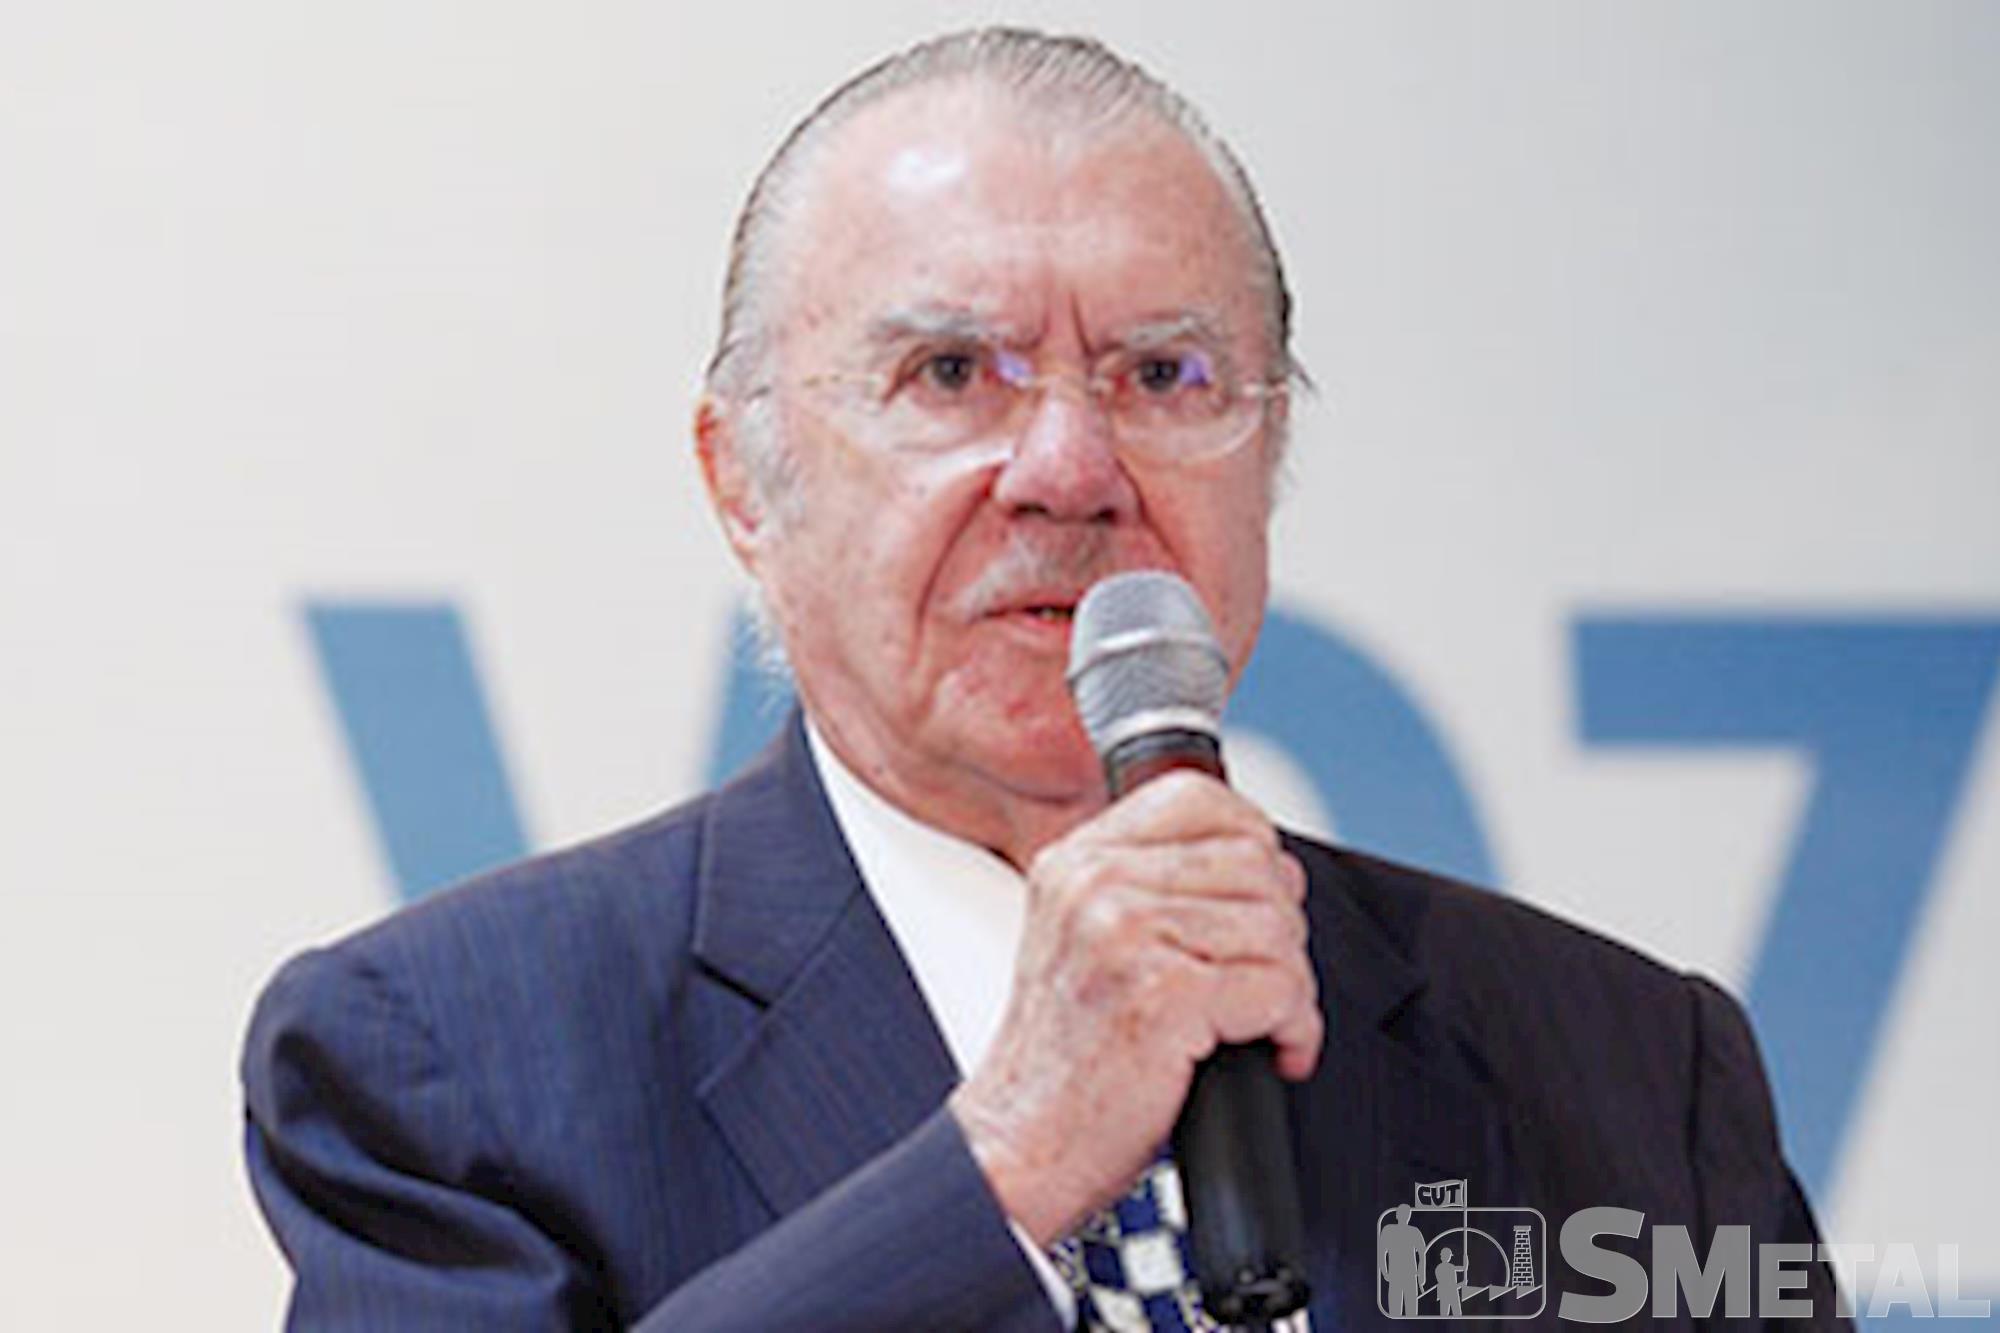 Senador: José Sarney, Quatro políticos do PMDB receberam pedido de prisão